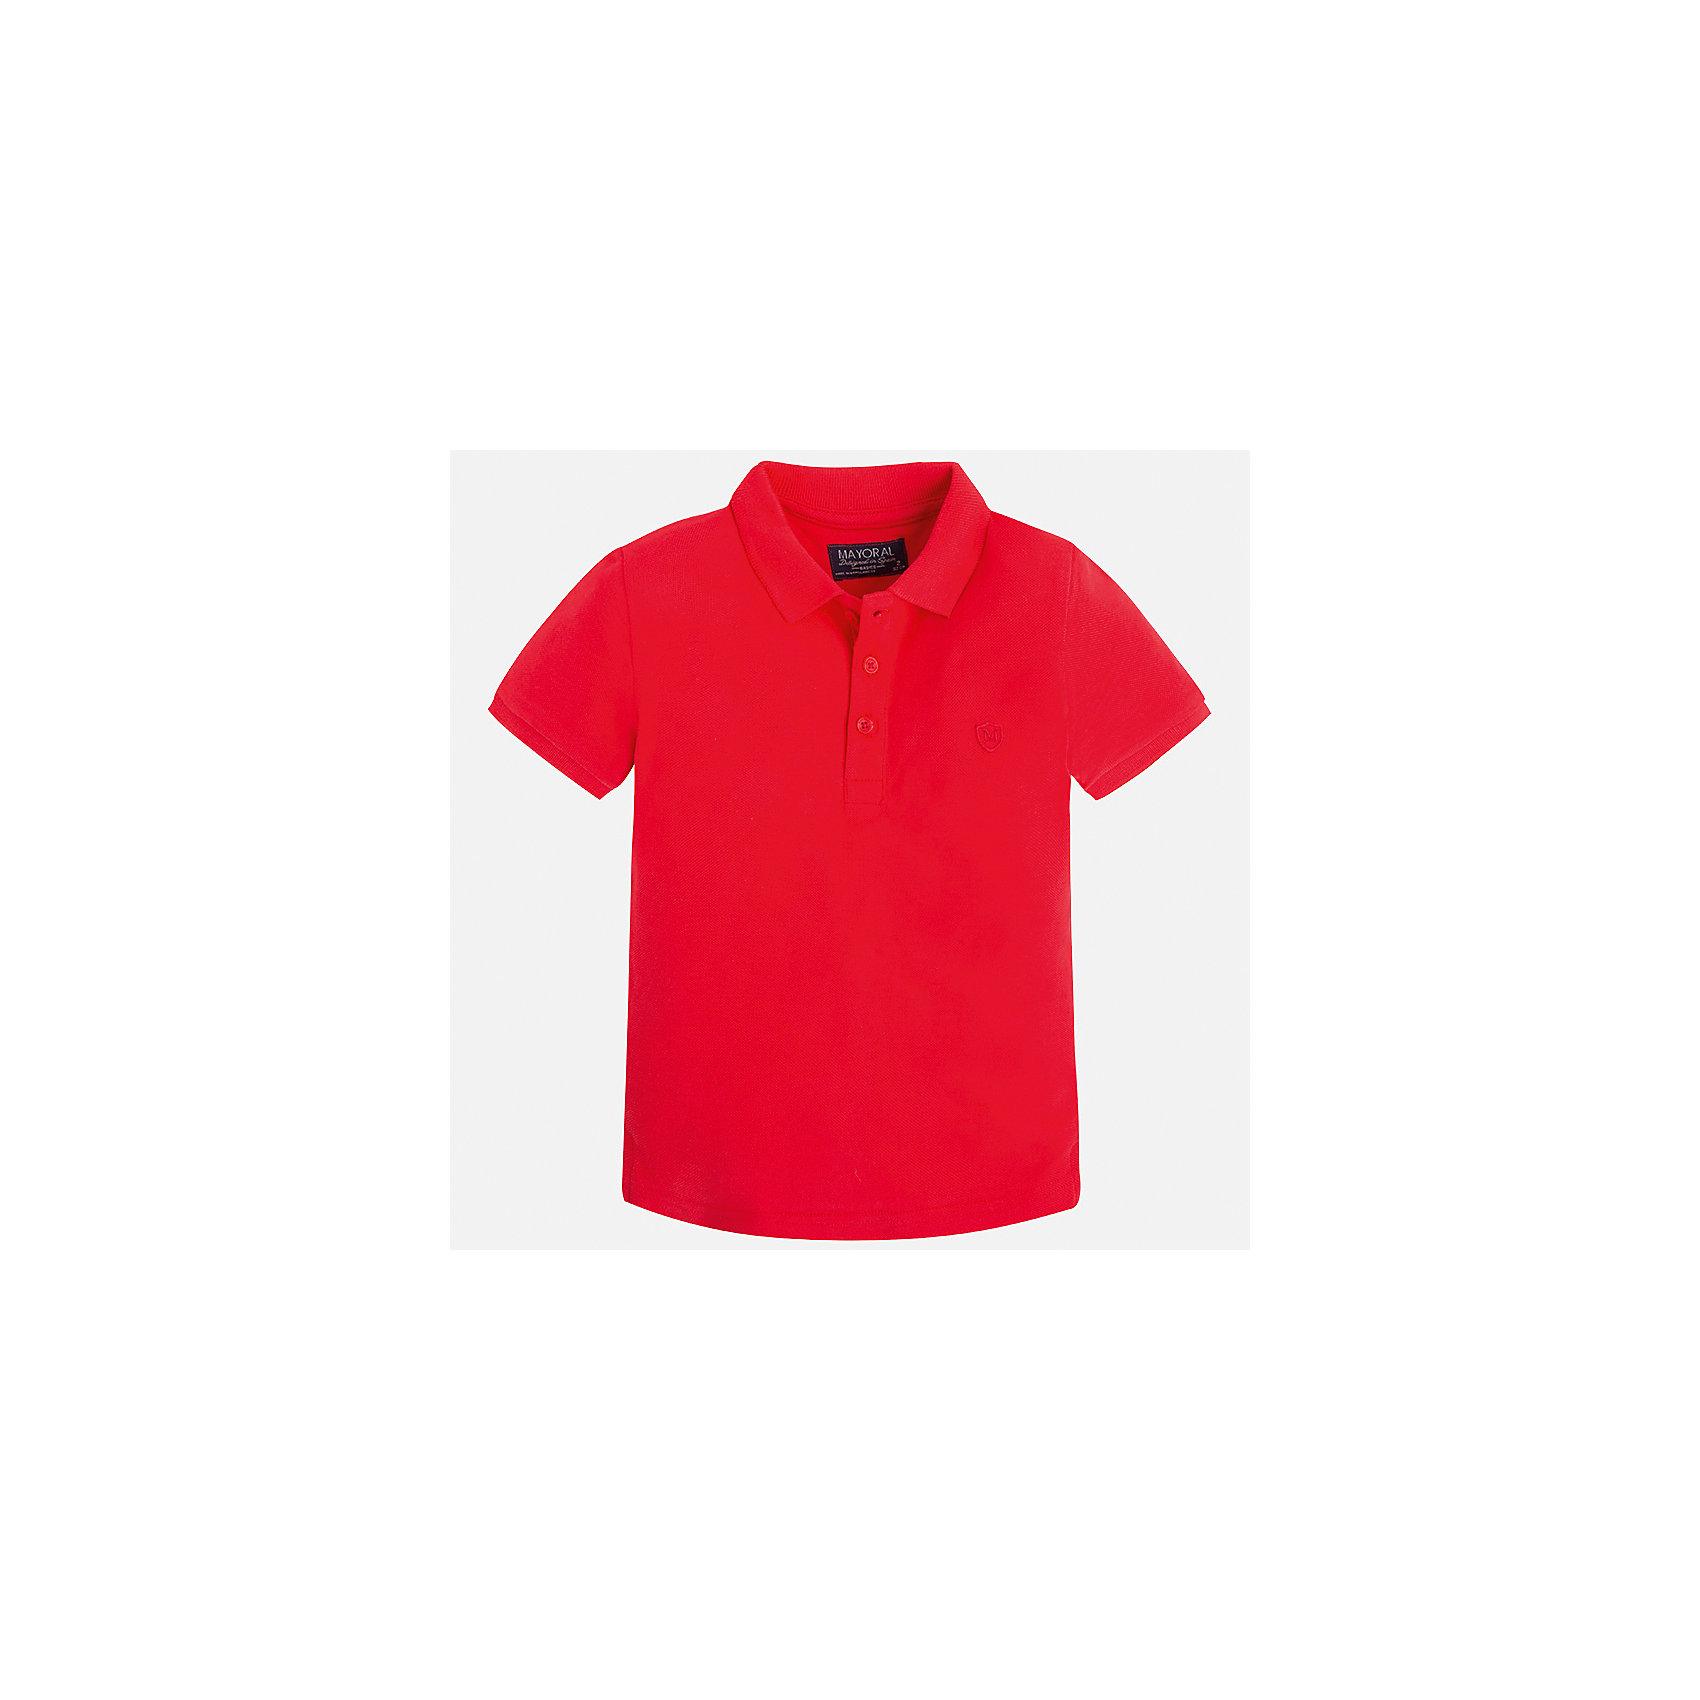 Футболка-поло для мальчика MayoralФутболки, поло и топы<br>Характеристики товара:<br><br>• цвет: красный<br>• состав: 100% хлопок<br>• отложной воротник<br>• короткие рукава<br>• застежка: пуговицы<br>• страна бренда: Испания<br><br>Стильная удобная футболка-поло для мальчика может стать базовой вещью в гардеробе ребенка. Она отлично сочетается с брюками, шортами, джинсами и т.д. Универсальный крой и цвет позволяет подобрать к вещи низ разных расцветок. Практичное и стильное изделие! В составе материала - только натуральный хлопок, гипоаллергенный, приятный на ощупь, дышащий.<br><br>Одежда, обувь и аксессуары от испанского бренда Mayoral полюбились детям и взрослым по всему миру. Модели этой марки - стильные и удобные. Для их производства используются только безопасные, качественные материалы и фурнитура. Порадуйте ребенка модными и красивыми вещами от Mayoral! <br><br>Футболку-поло для мальчика от испанского бренда Mayoral (Майорал) можно купить в нашем интернет-магазине.<br><br>Ширина мм: 230<br>Глубина мм: 40<br>Высота мм: 220<br>Вес г: 250<br>Цвет: красный<br>Возраст от месяцев: 60<br>Возраст до месяцев: 72<br>Пол: Мужской<br>Возраст: Детский<br>Размер: 116,122,110,104,98,92,134,128<br>SKU: 5277785